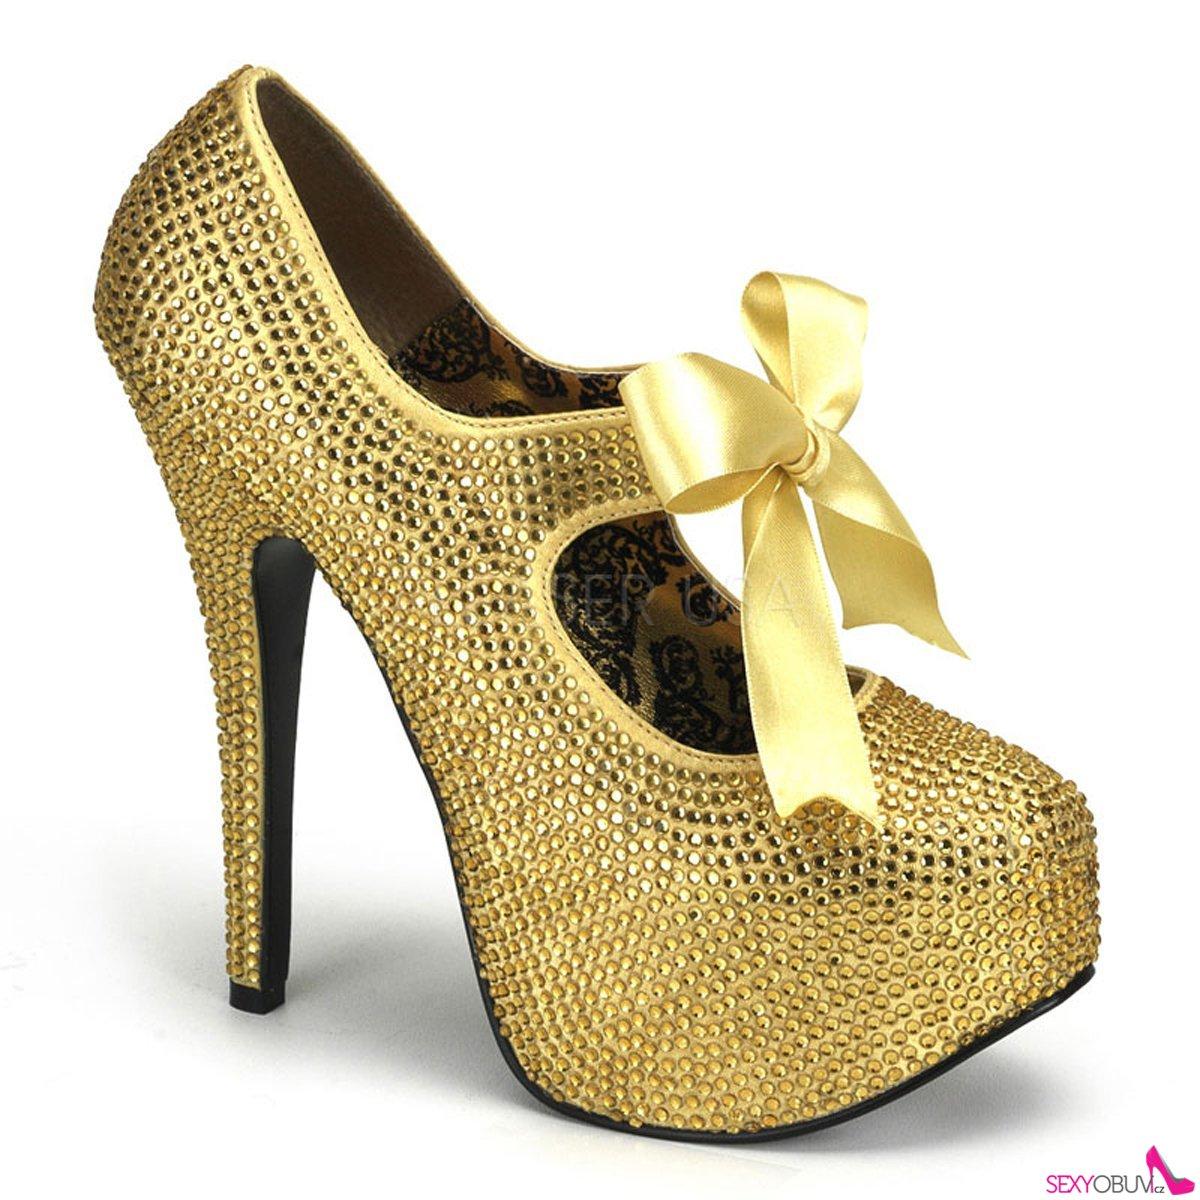 TEEZE-04R Extravagantní zlaté dámské lodičky na vysokém podpatku a platformě 4e3811ddf6